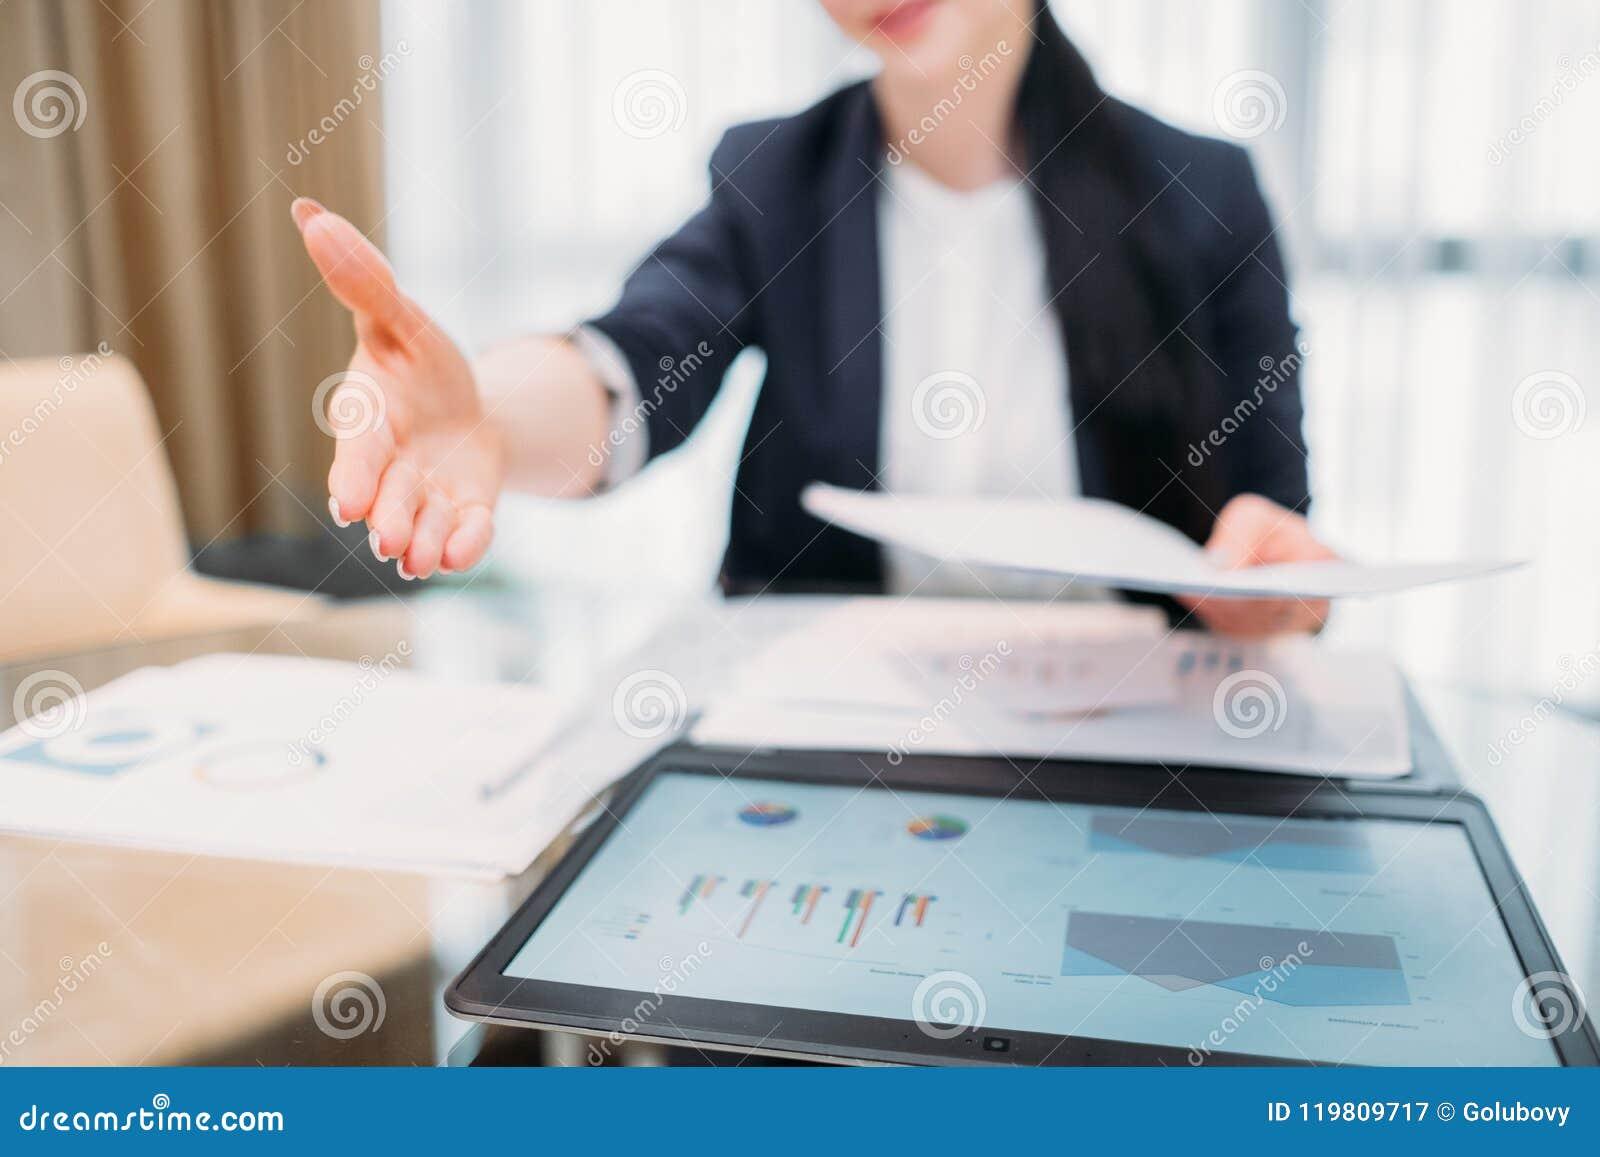 Empleo de alquiler de la mano de la hora del reclutador de la carrera del trabajo